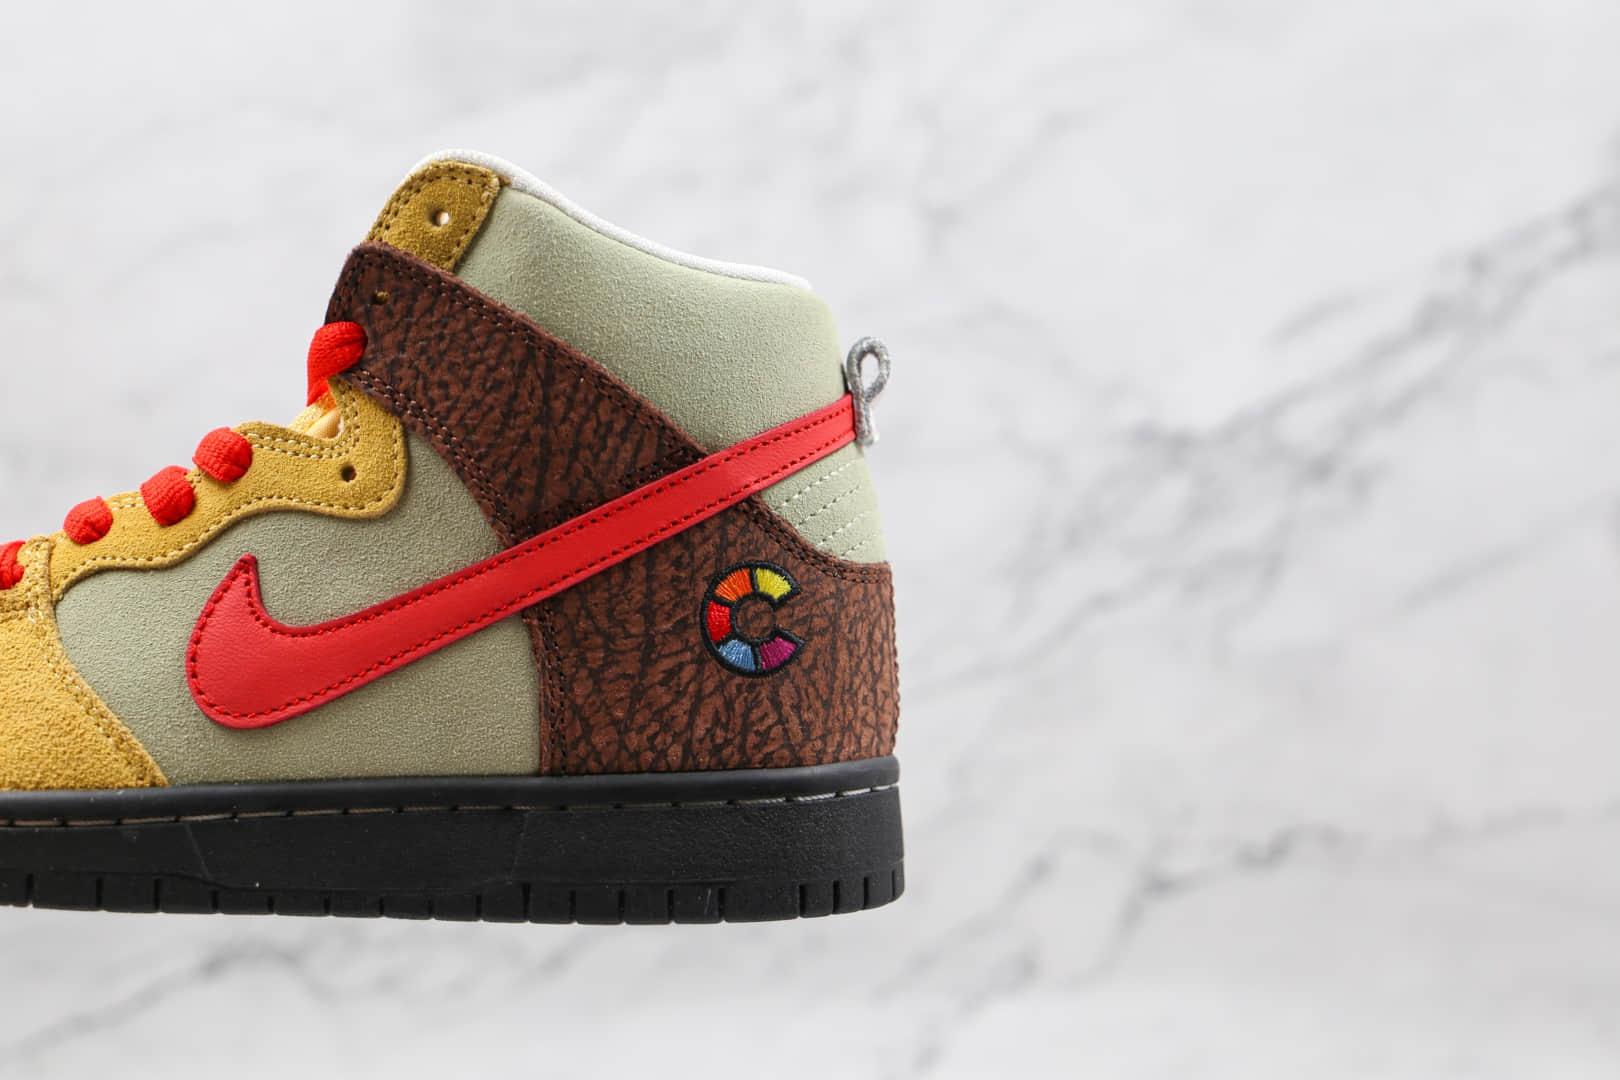 耐克Nike Dunk Sb High Kebab & Destroy纯原版本高帮SB DUNK麂皮红黄棕烤肉卷饼配色板鞋原盒原标 货号:CZ2205-700